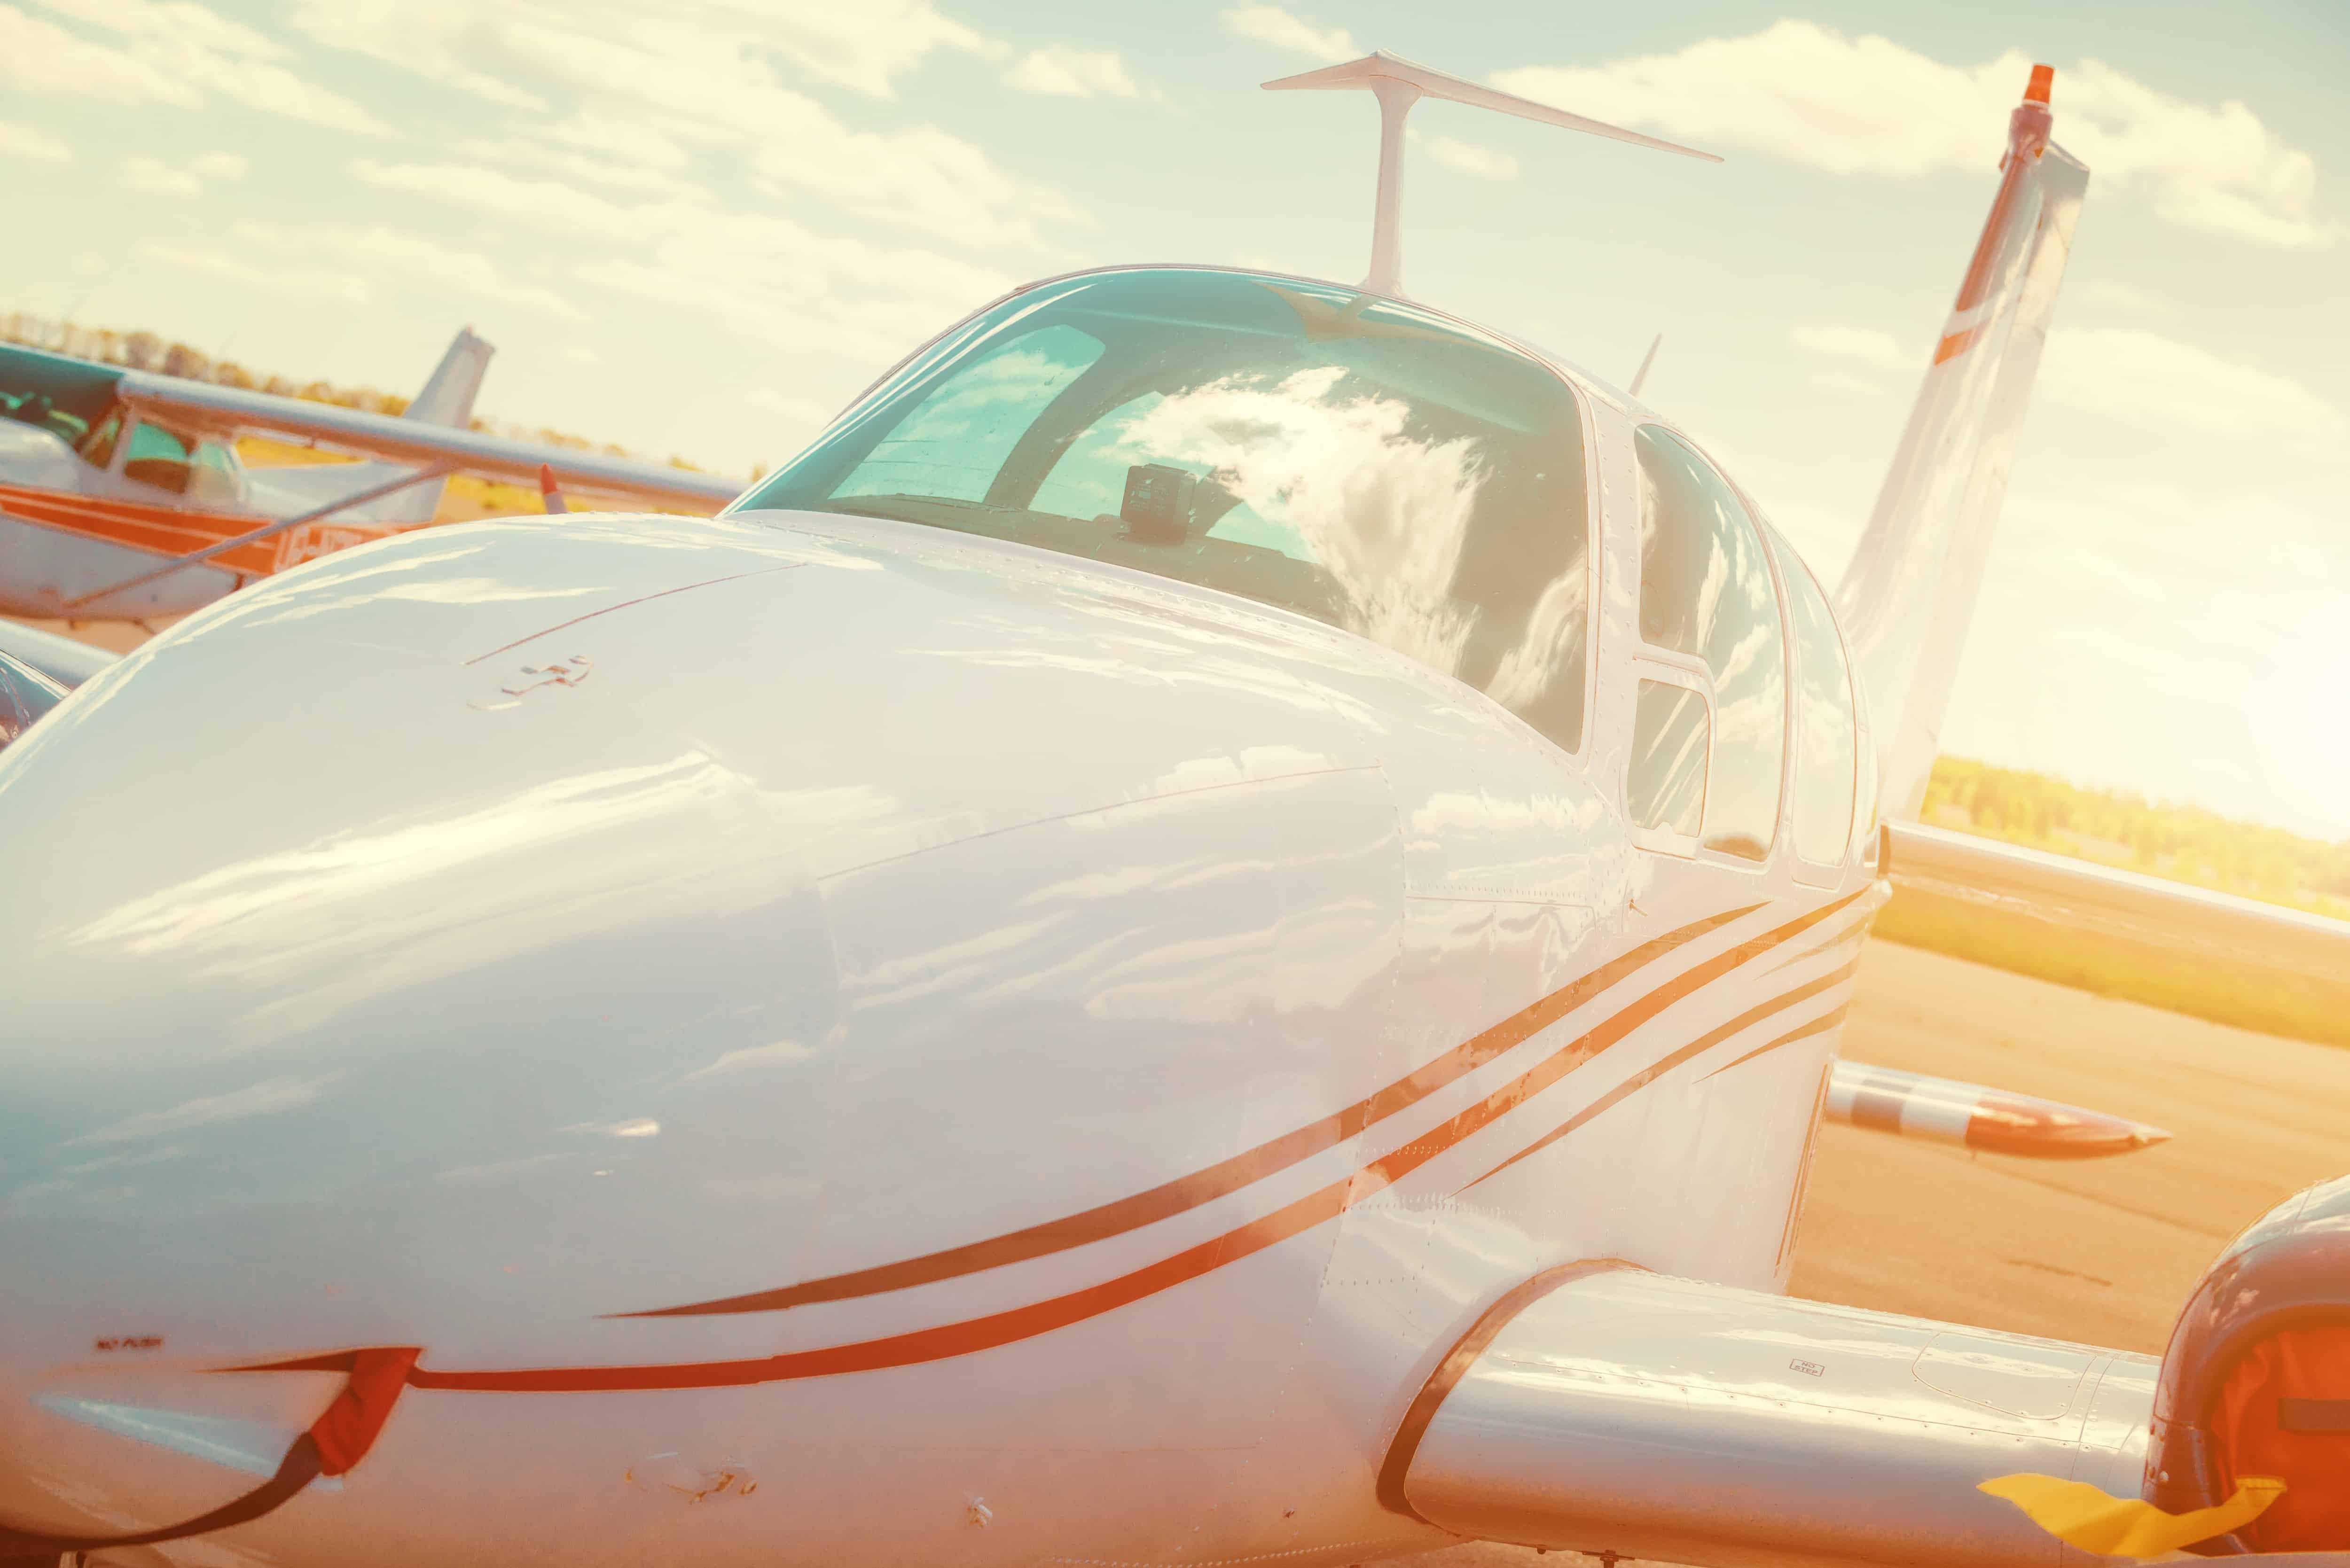 Kevin Kvarnlov Dies in Private Jet Crash Outside Truckee-Tahoe Airport [Truckee. Ca]